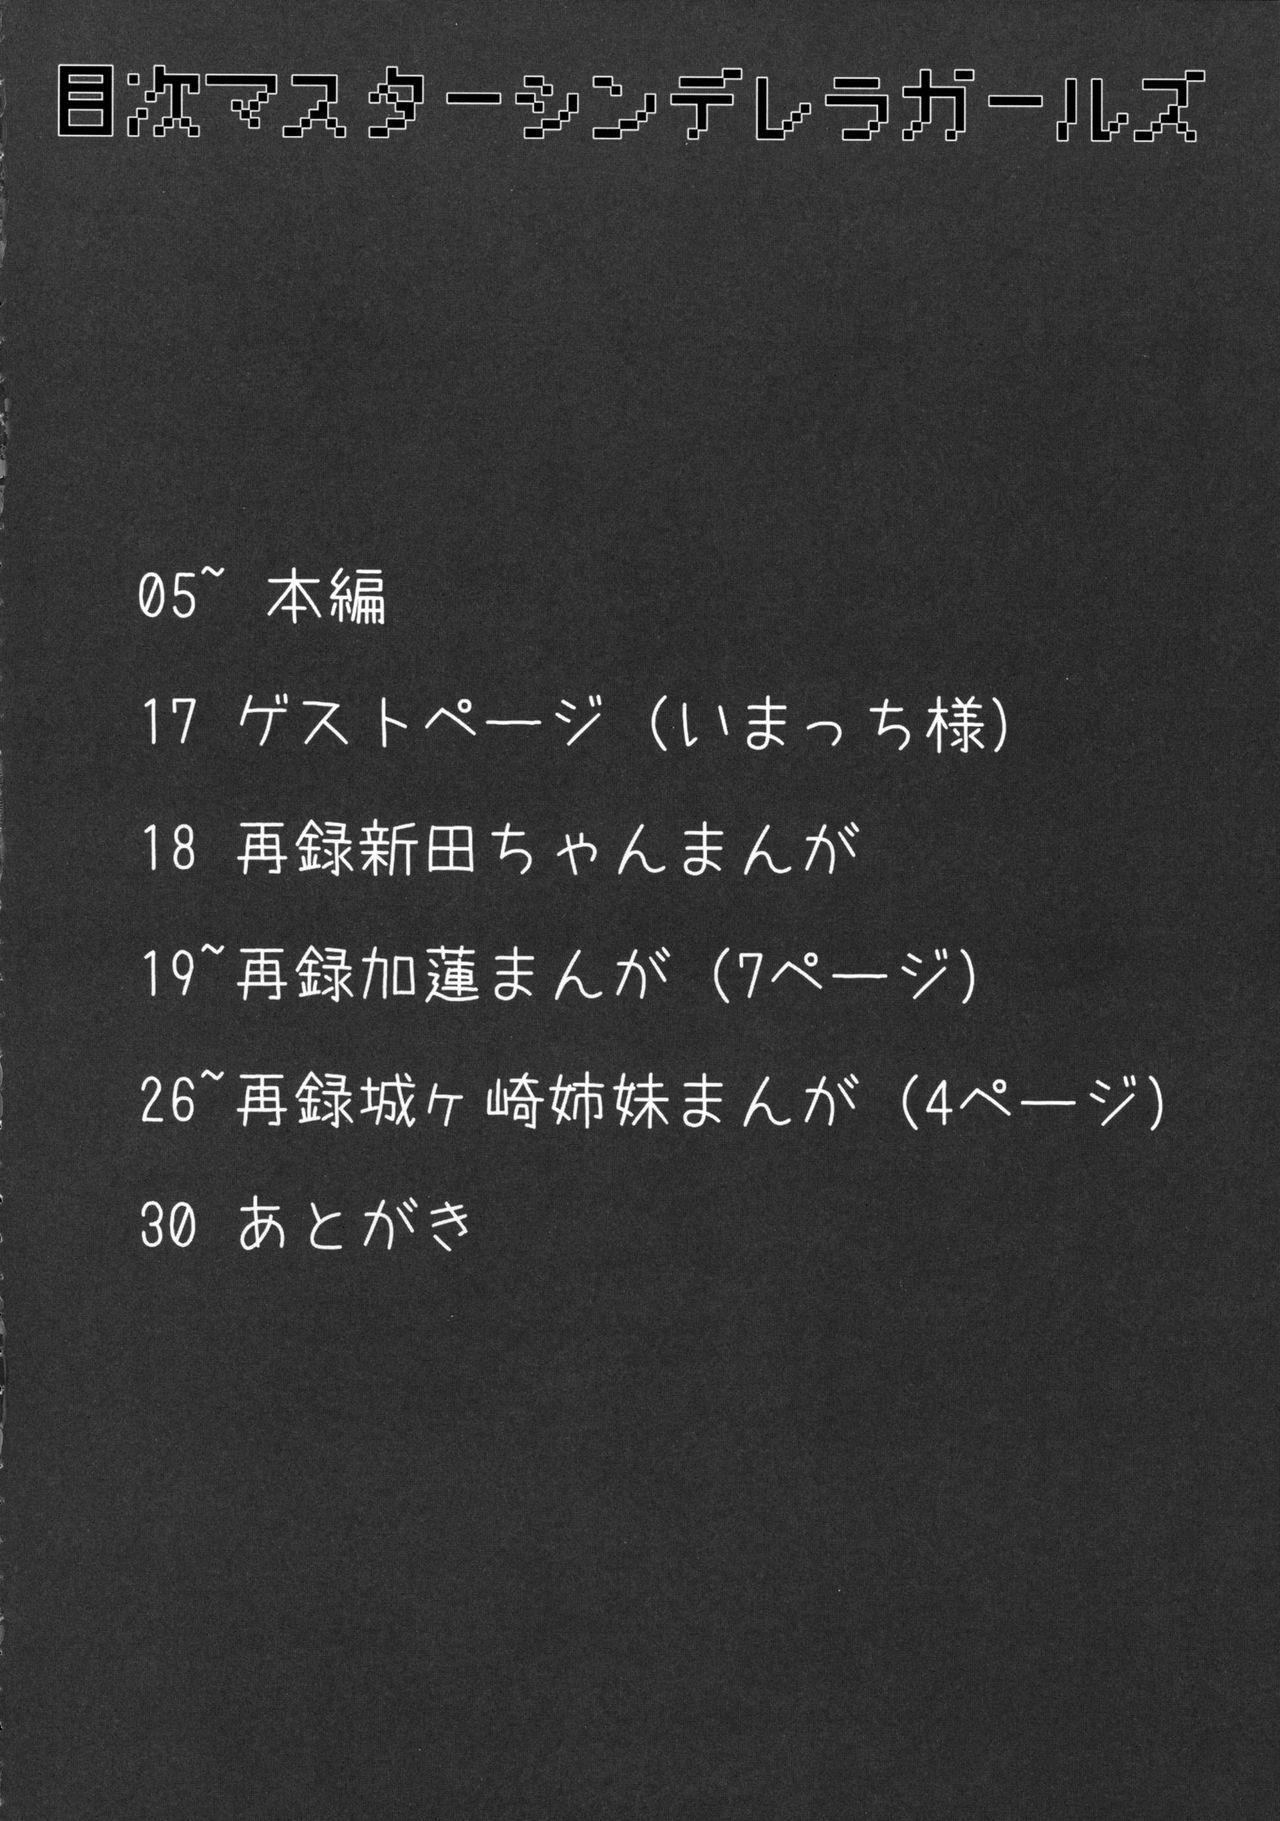 Maekawa-san to Iyarashii Koto Bakari suru Hon 2